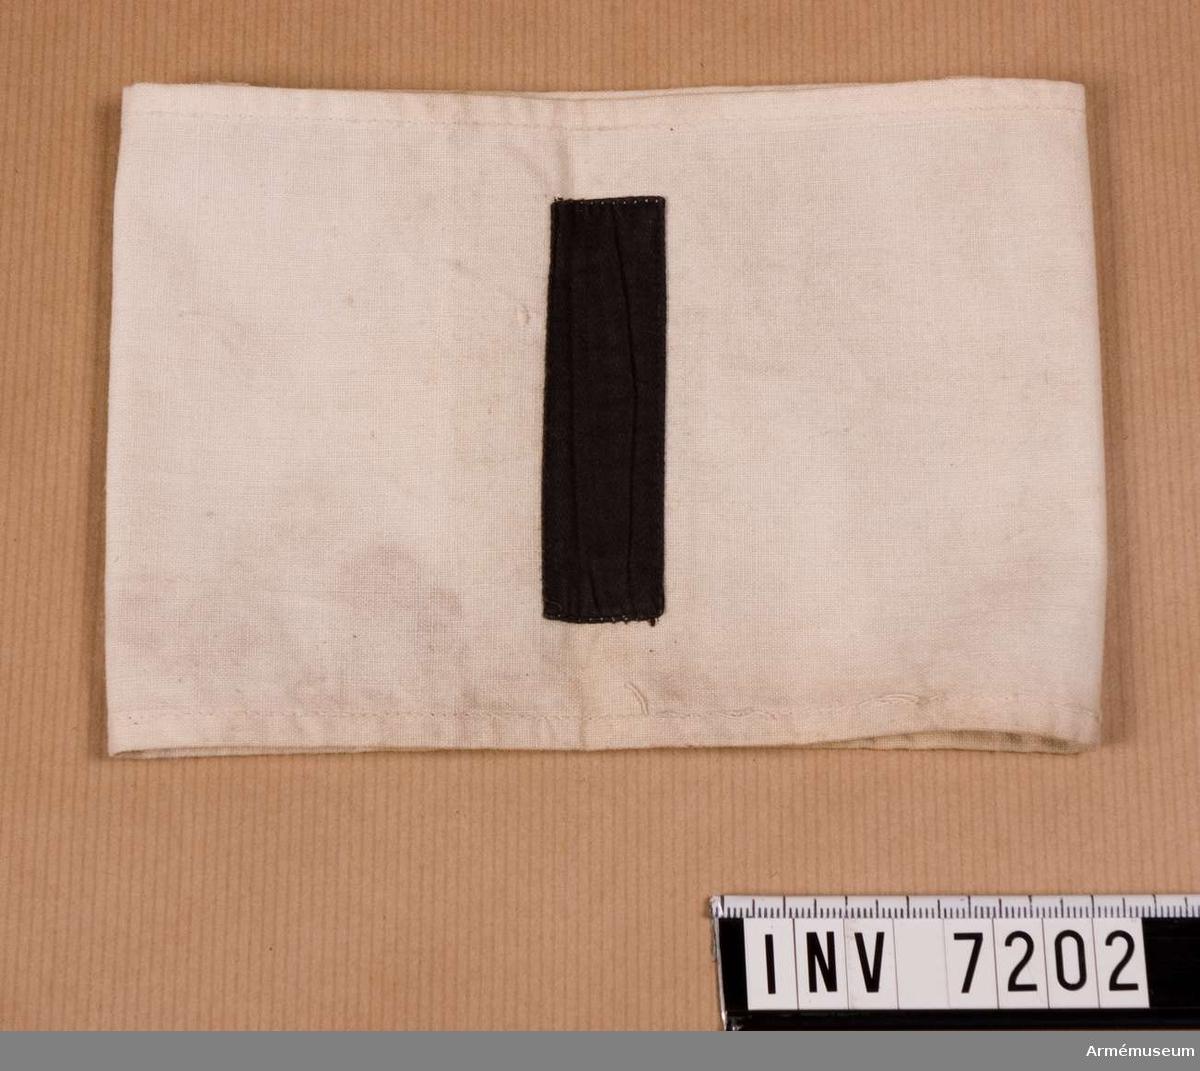 """Av vit bomullsväv, maskinsydd med på mitten en svart i tyg påsydd etta. Mått 20 x 75 mm. Har varit i Bernadottesalen och borttagen därifrån 1982. Svenska brigaden. I finska inbördeskriget 1918 en av svenska frivilliga militärer och civila bildad trupp på 300-400 man, som med utmärkelsen deltog på """"de hvites"""" sida bla i erövringen av Tammerfors (mars - april).  Samhörande nr är 7202 - 7210."""